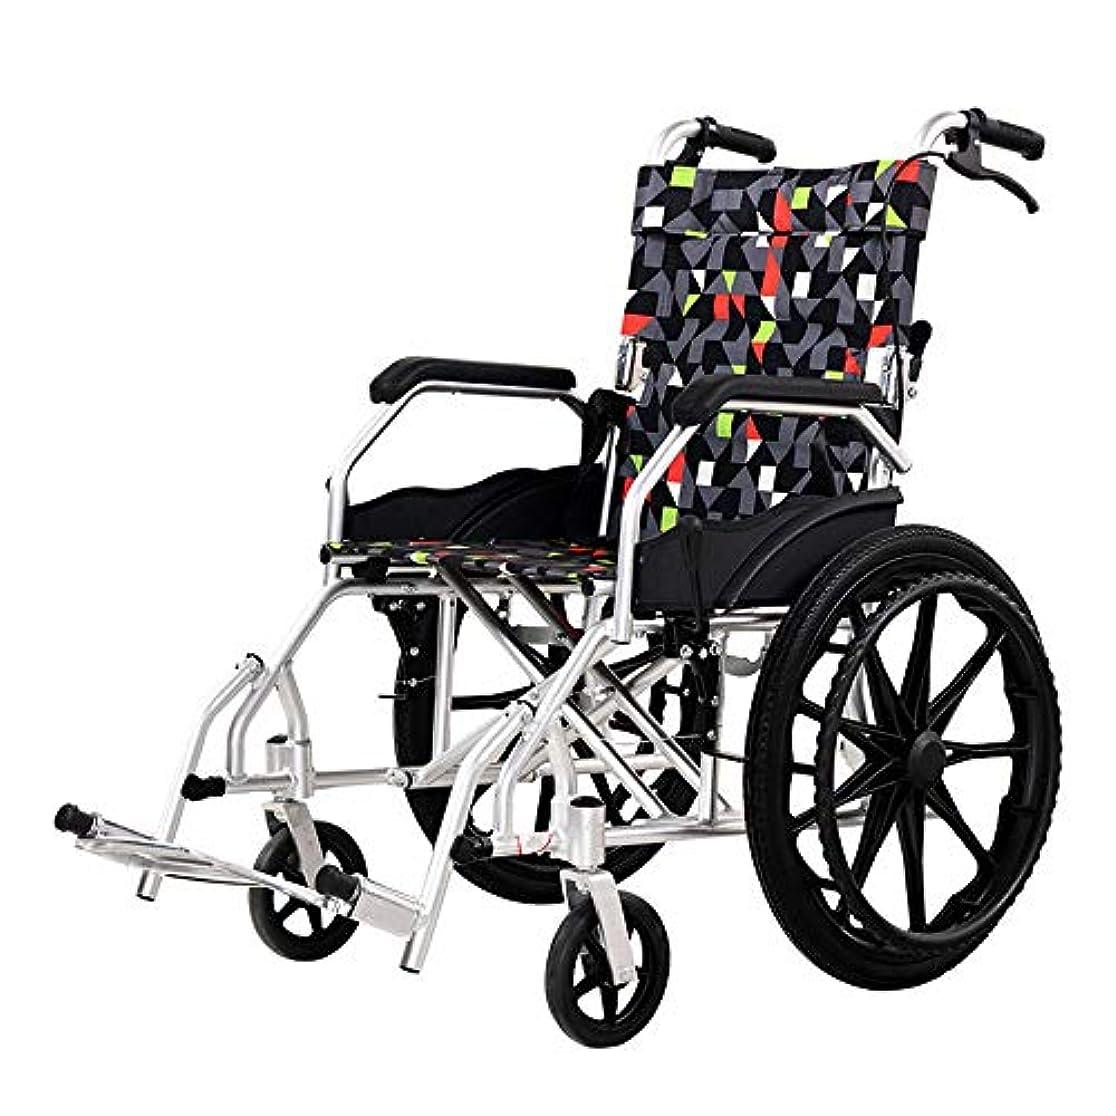 司教アクセサリー書くハンドプッシュ車いすアルミ合金フレームオックスフォード布クッションサイズソリッドホイール4ブレーキデザインアジャスタブルペダルを運ぶために簡単に折り畳むことができます,Bigwheel